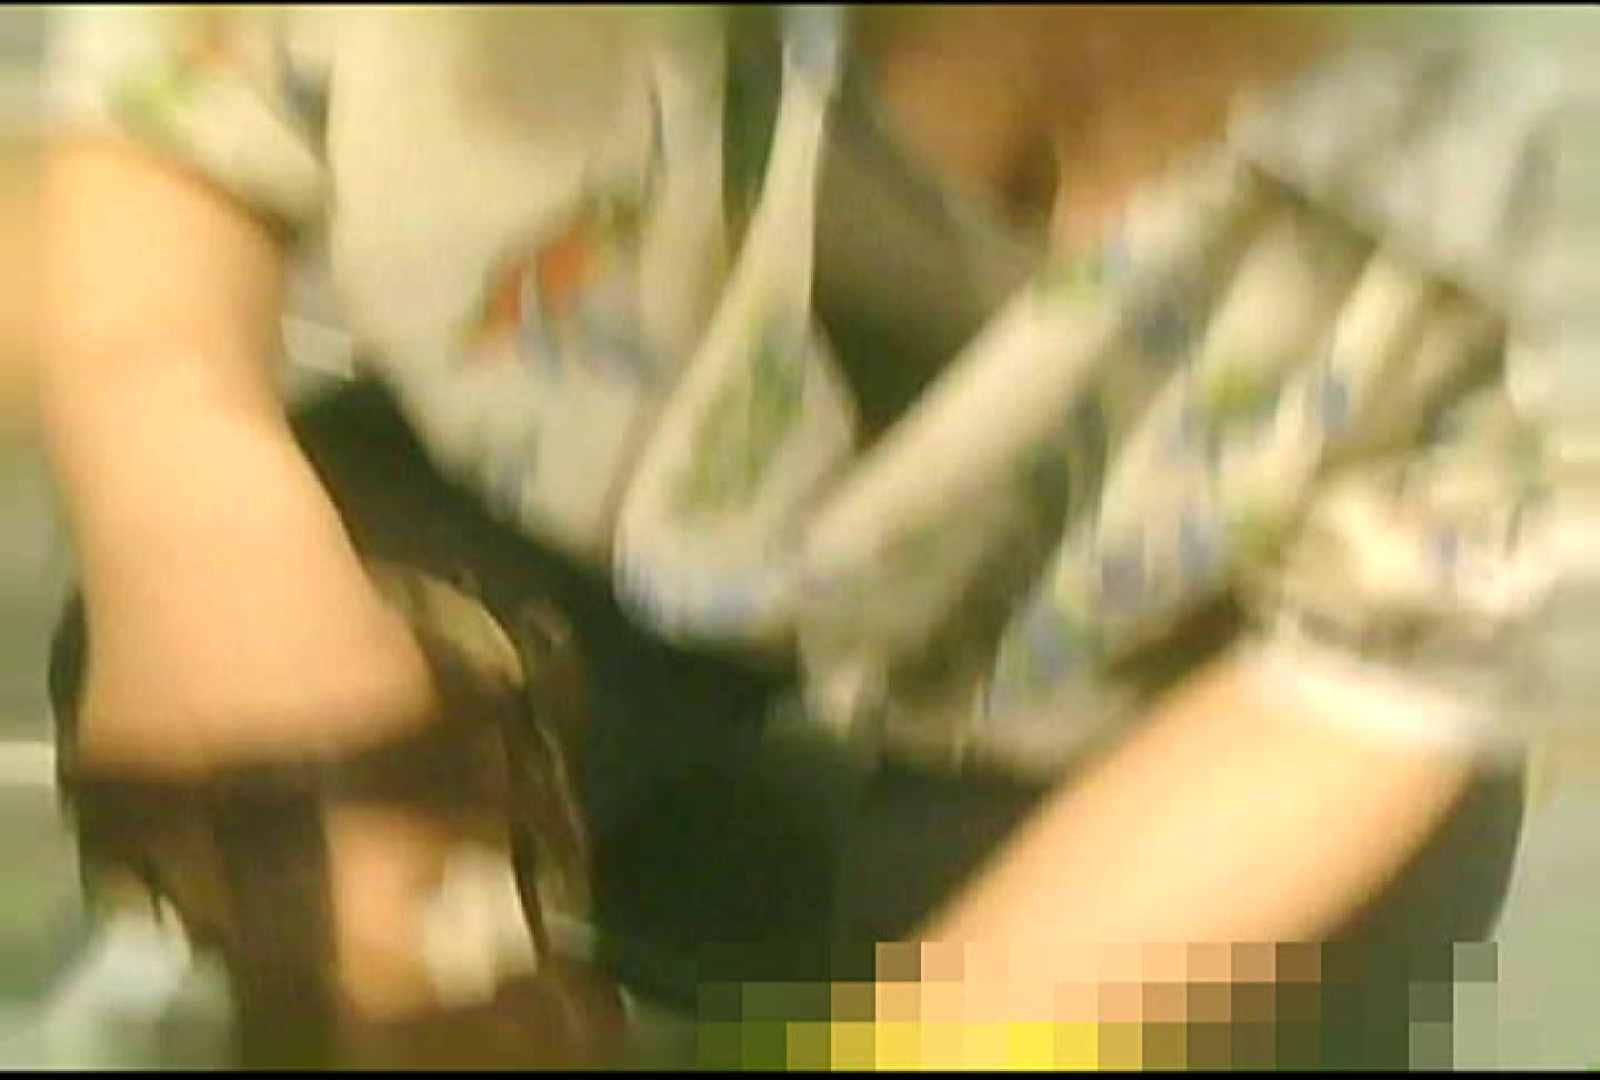 「ノゾキスト」さんの陰撮!!美女サルベージVol.1 覗き  68画像 16